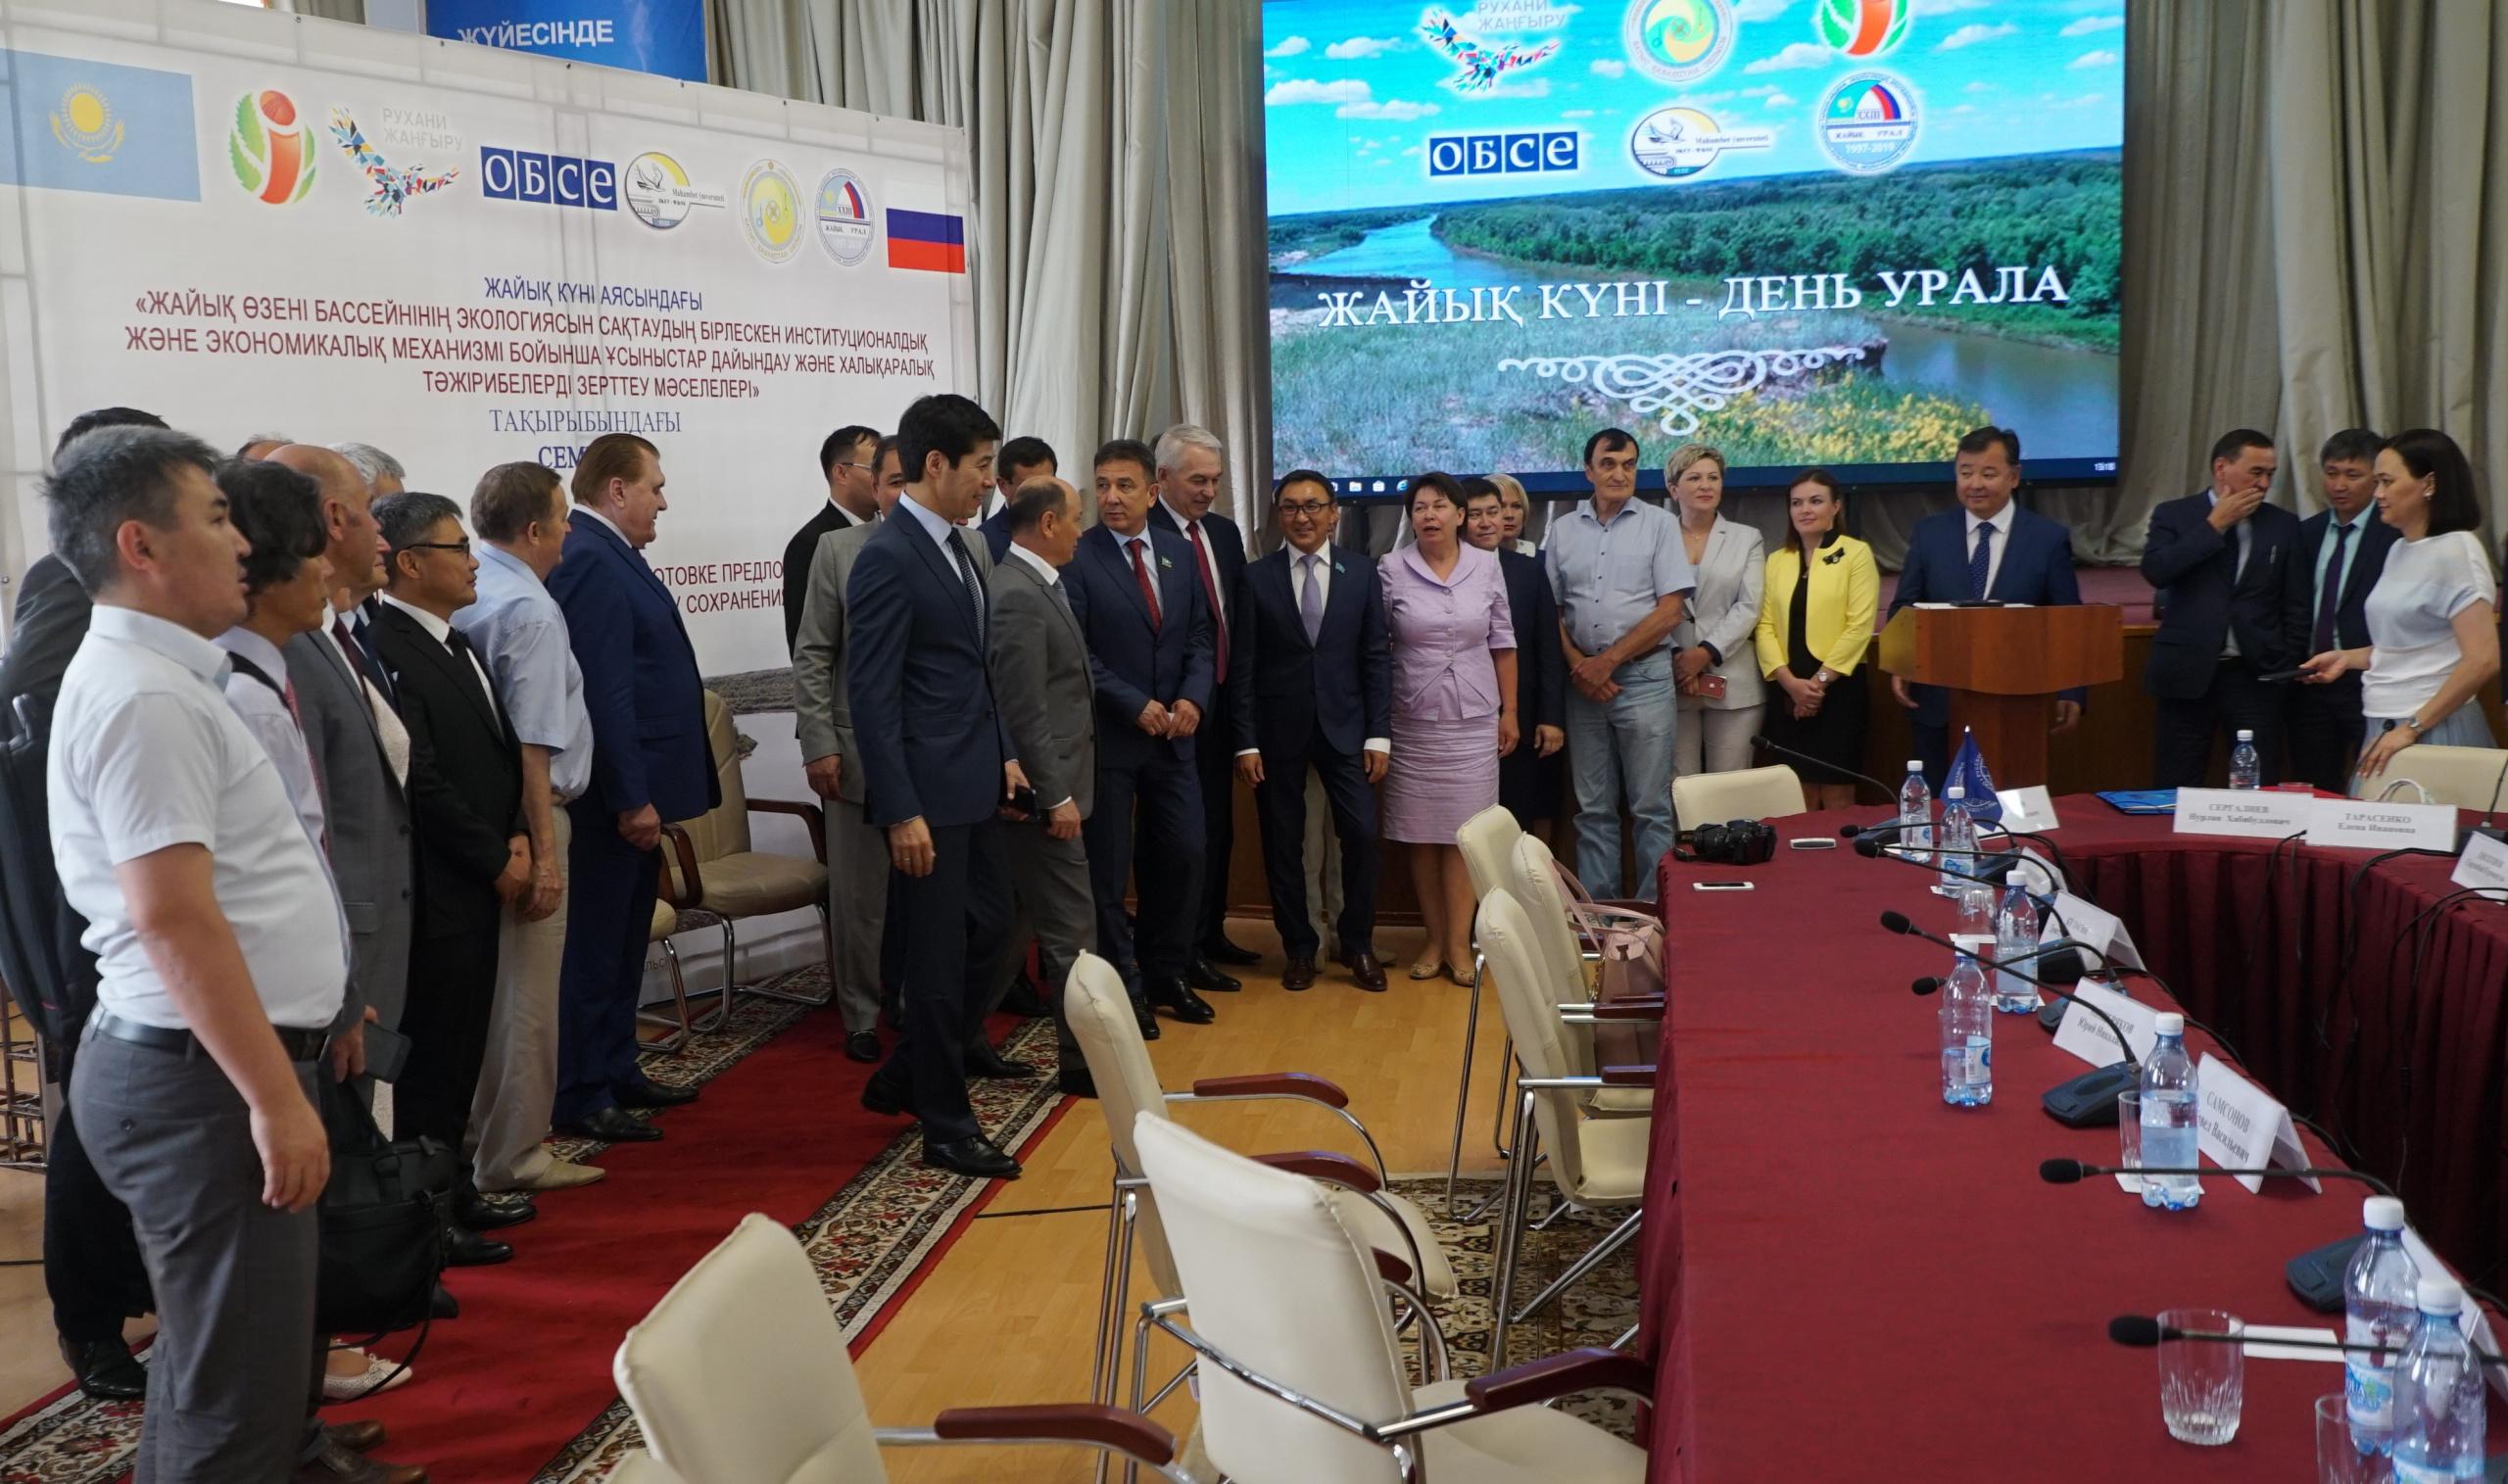 Участники семинара. Фото: А. Боранов